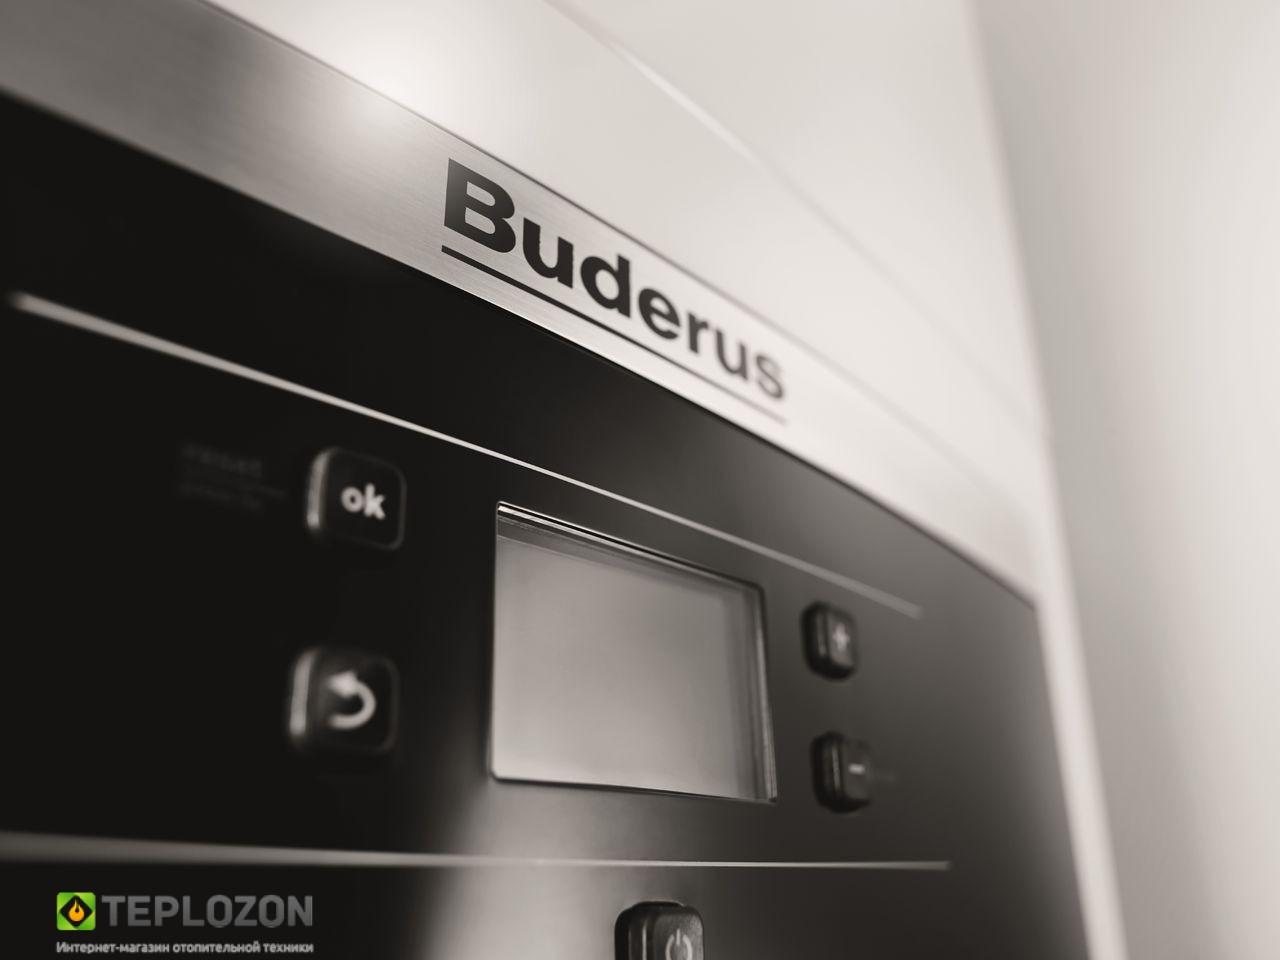 Buderus Logamax U072 24 настенный газовый котел - 1